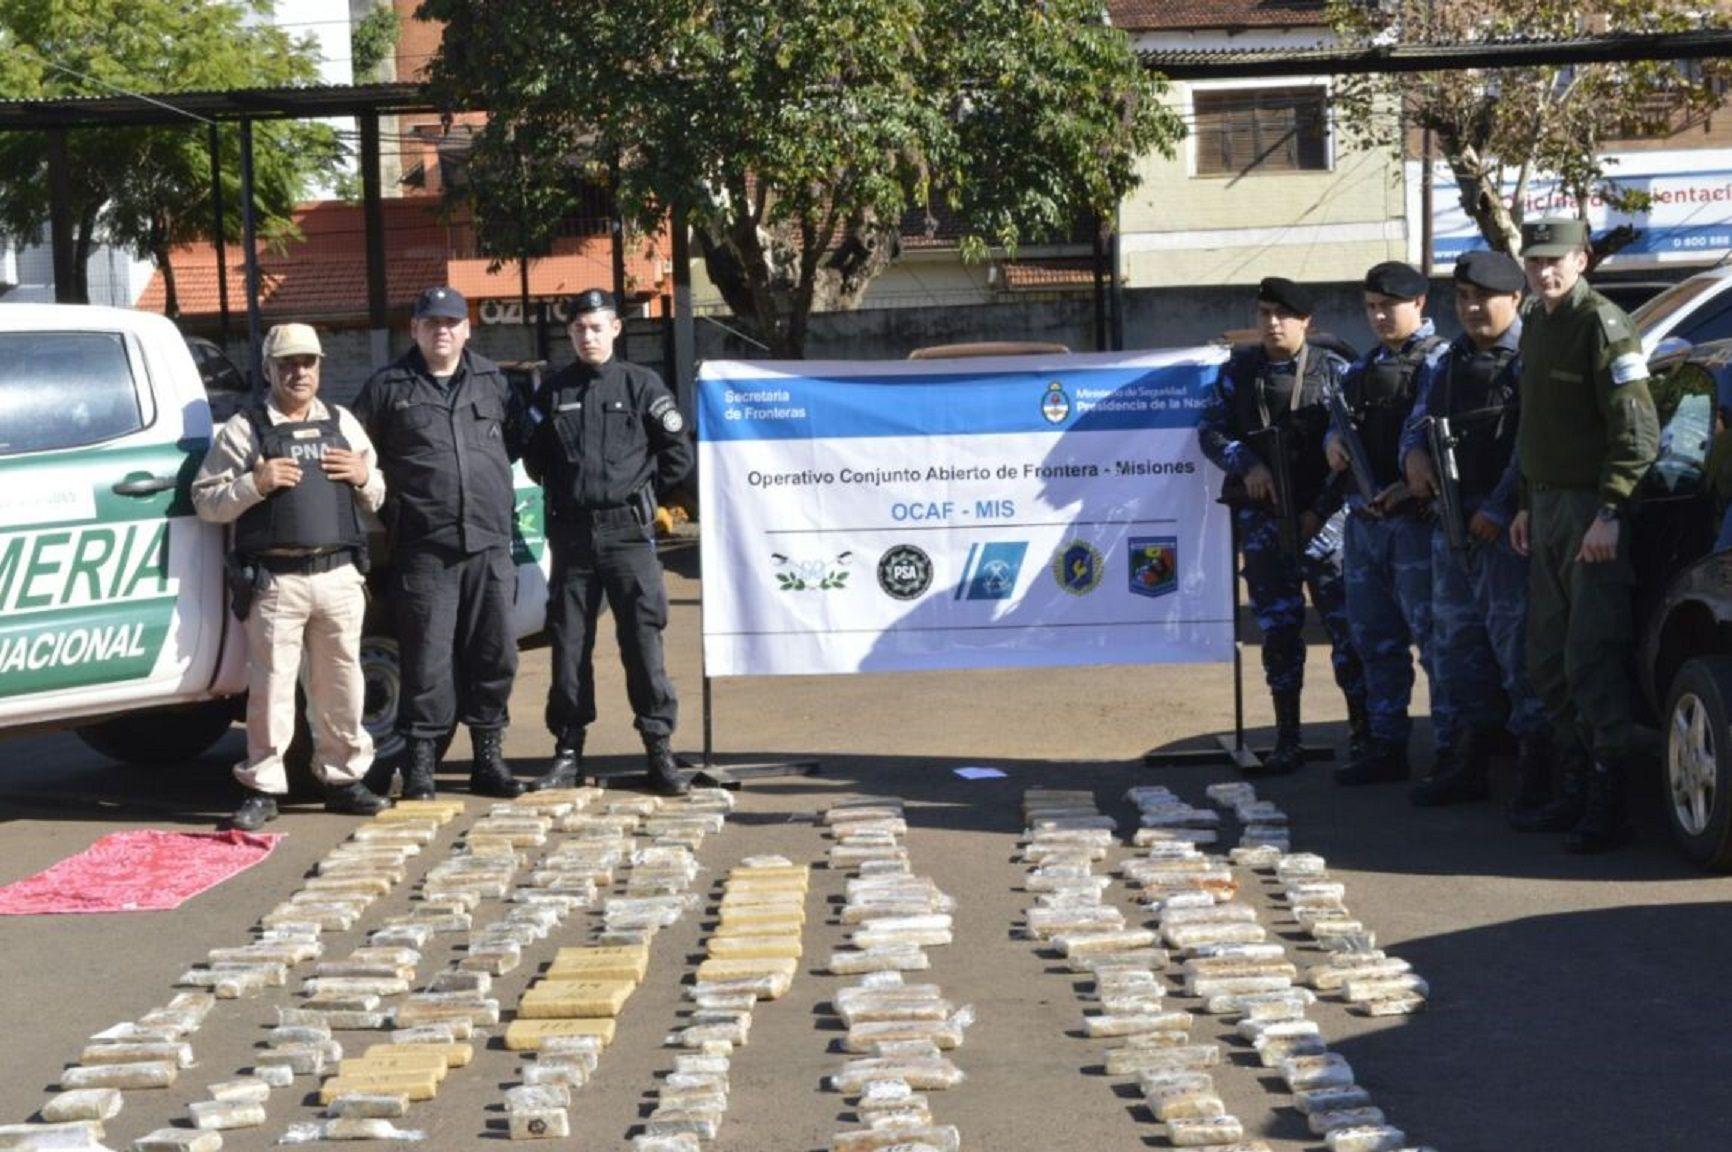 Cae un pastor evangélico que viajaba a la Patagonia con 131 kilos de marihuana